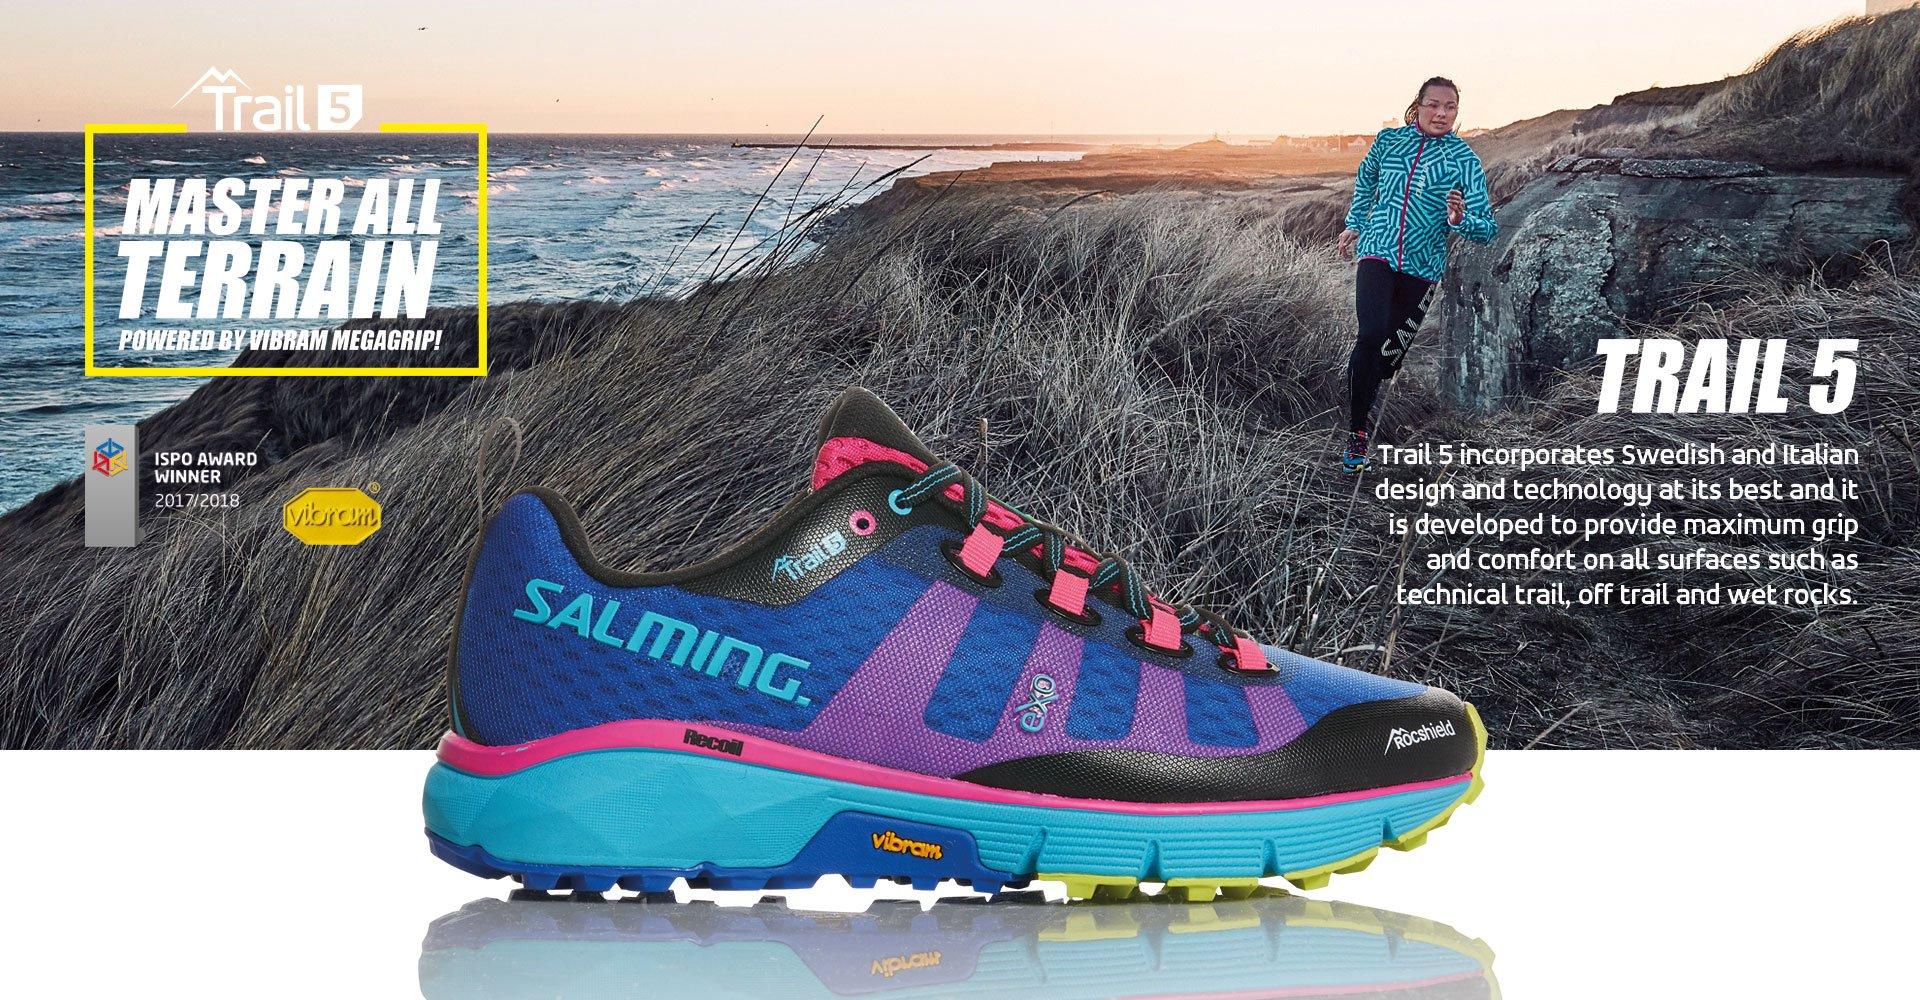 Resultado de imagen para salming trail 5 blue